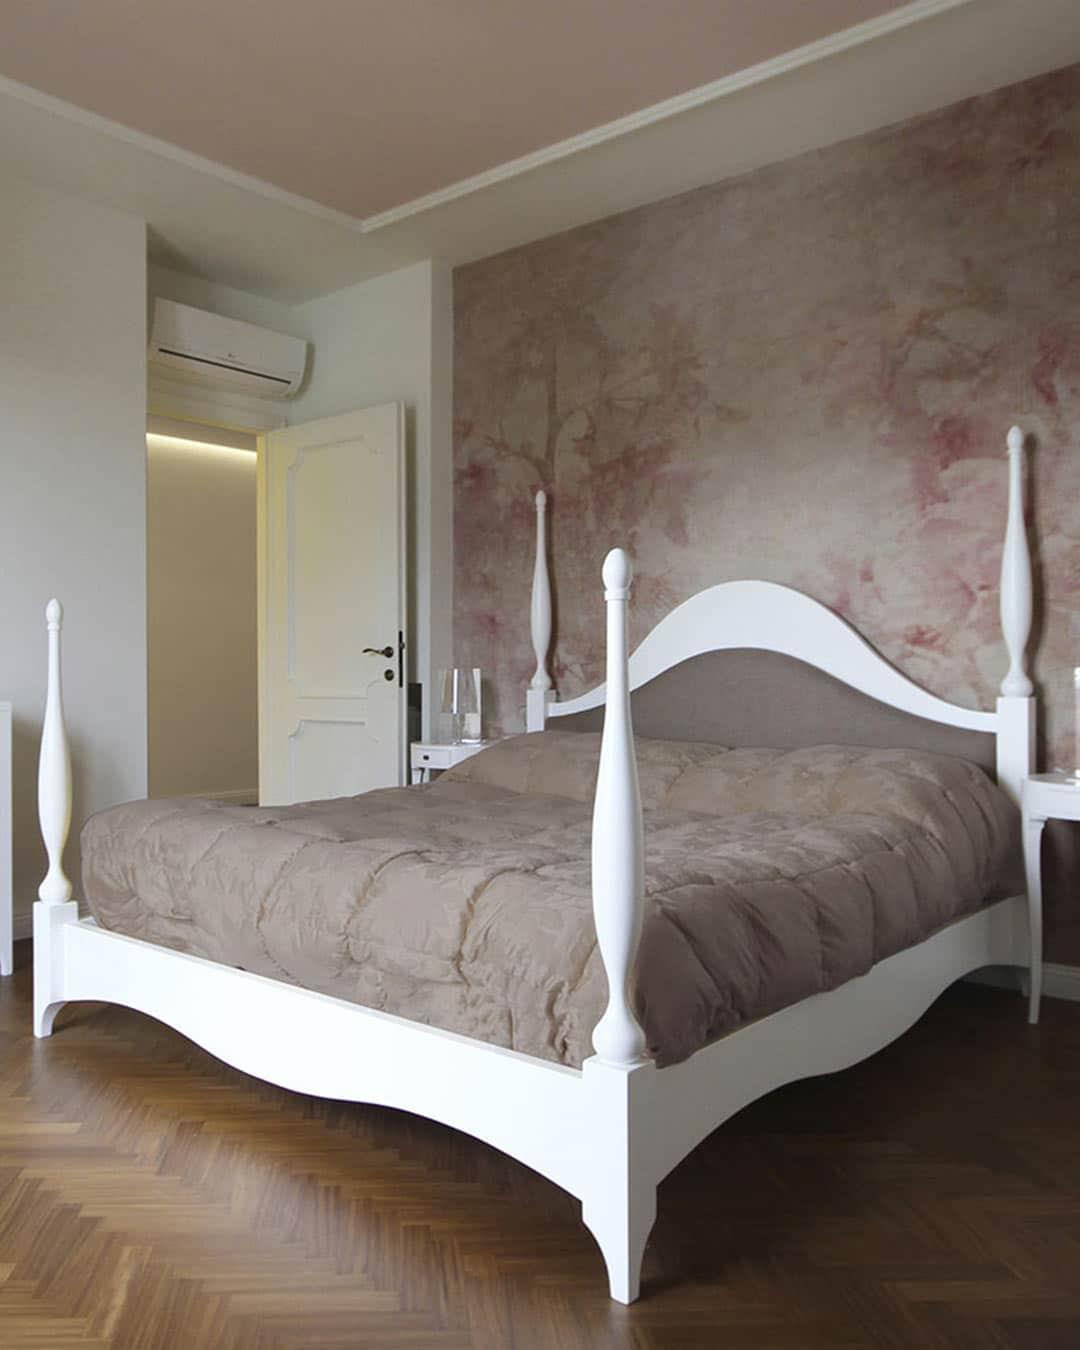 Camera da letto Classica Moderna Design d'Interni | JFD Milano Monza